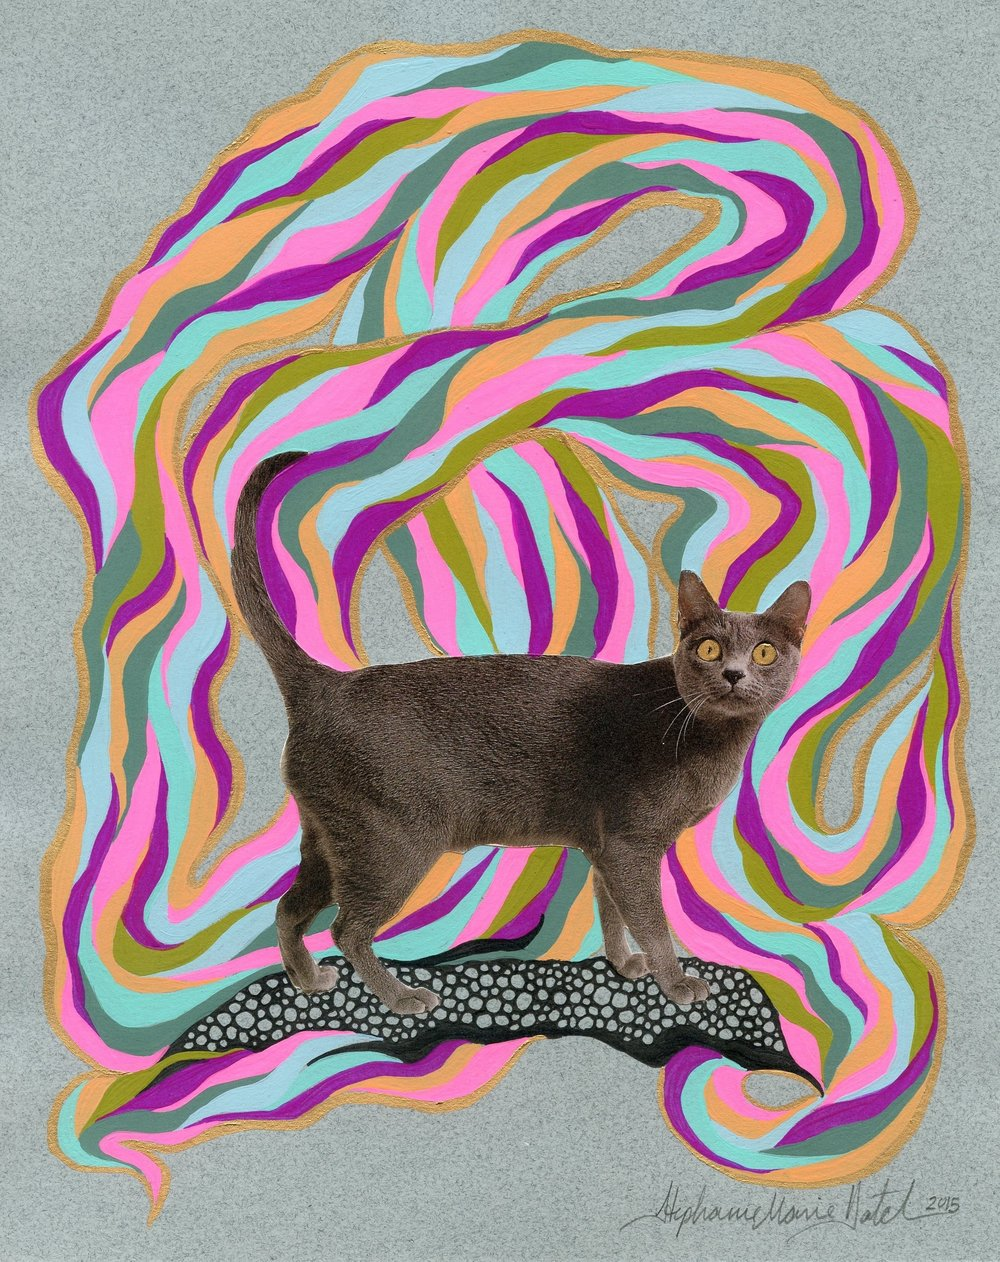 Psycedelic Cat 3 - 8x10 2015.jpg